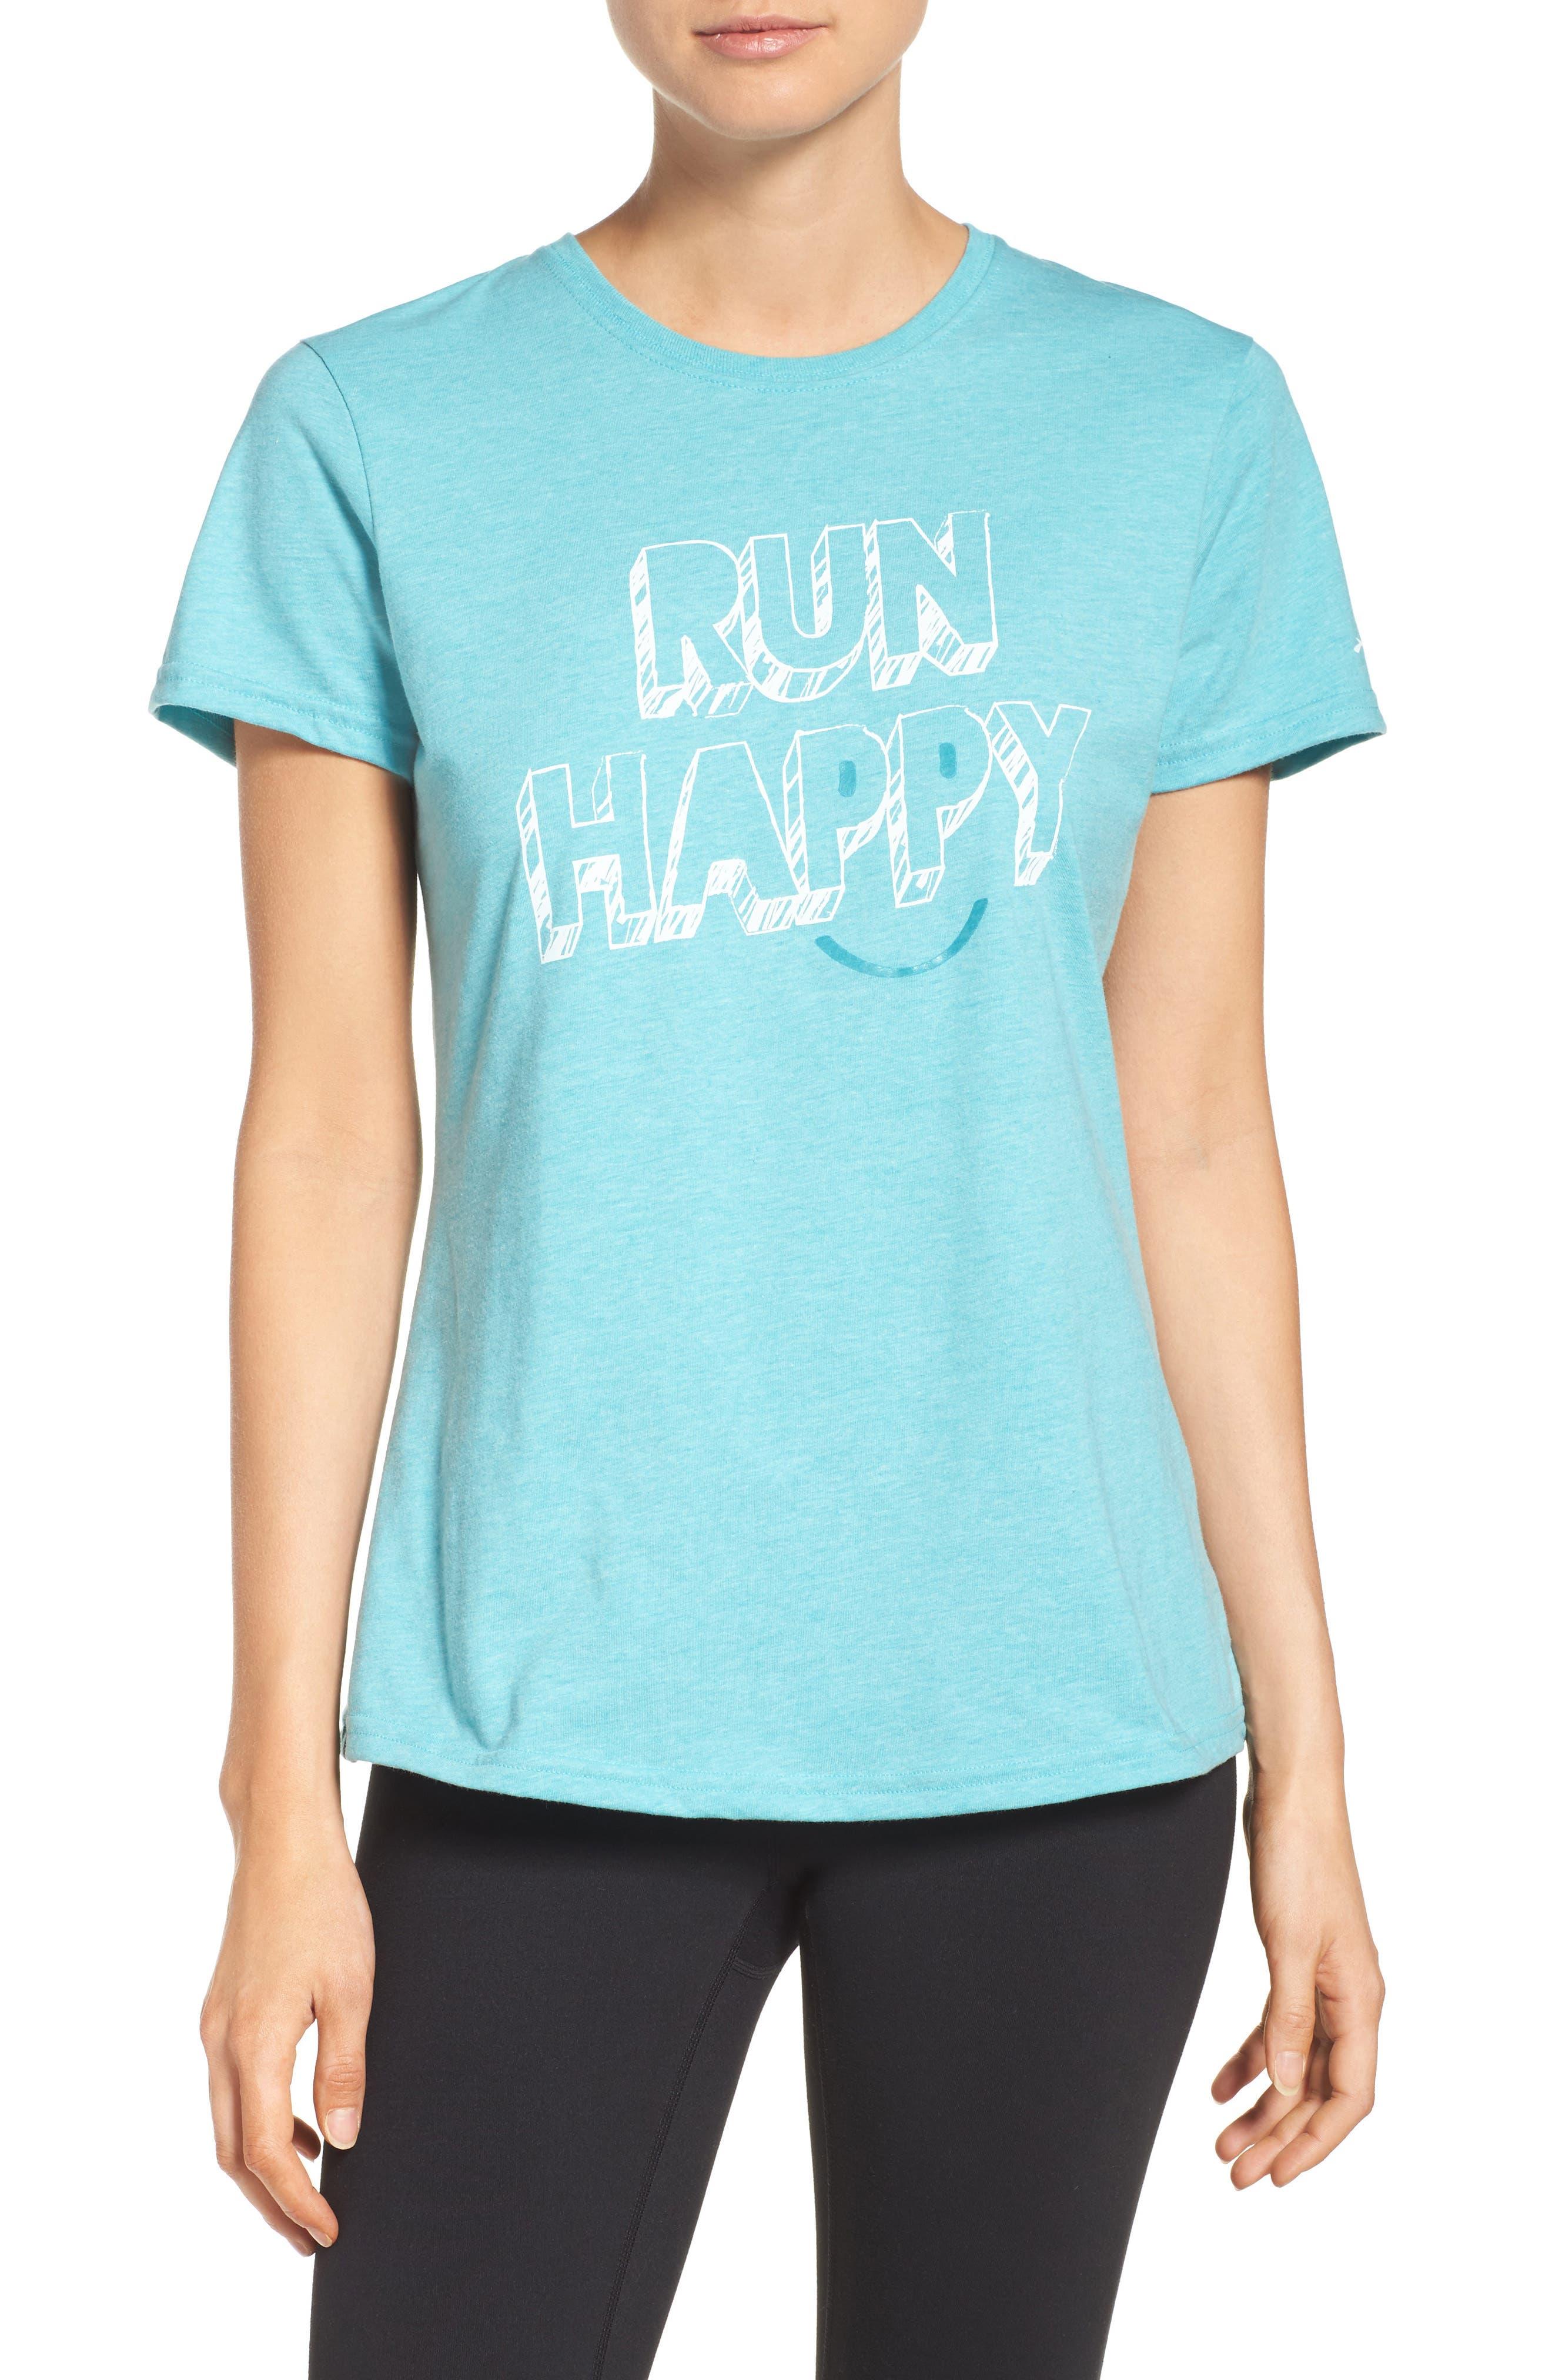 Brooks 'Run Happy' Smile Graphic Tee